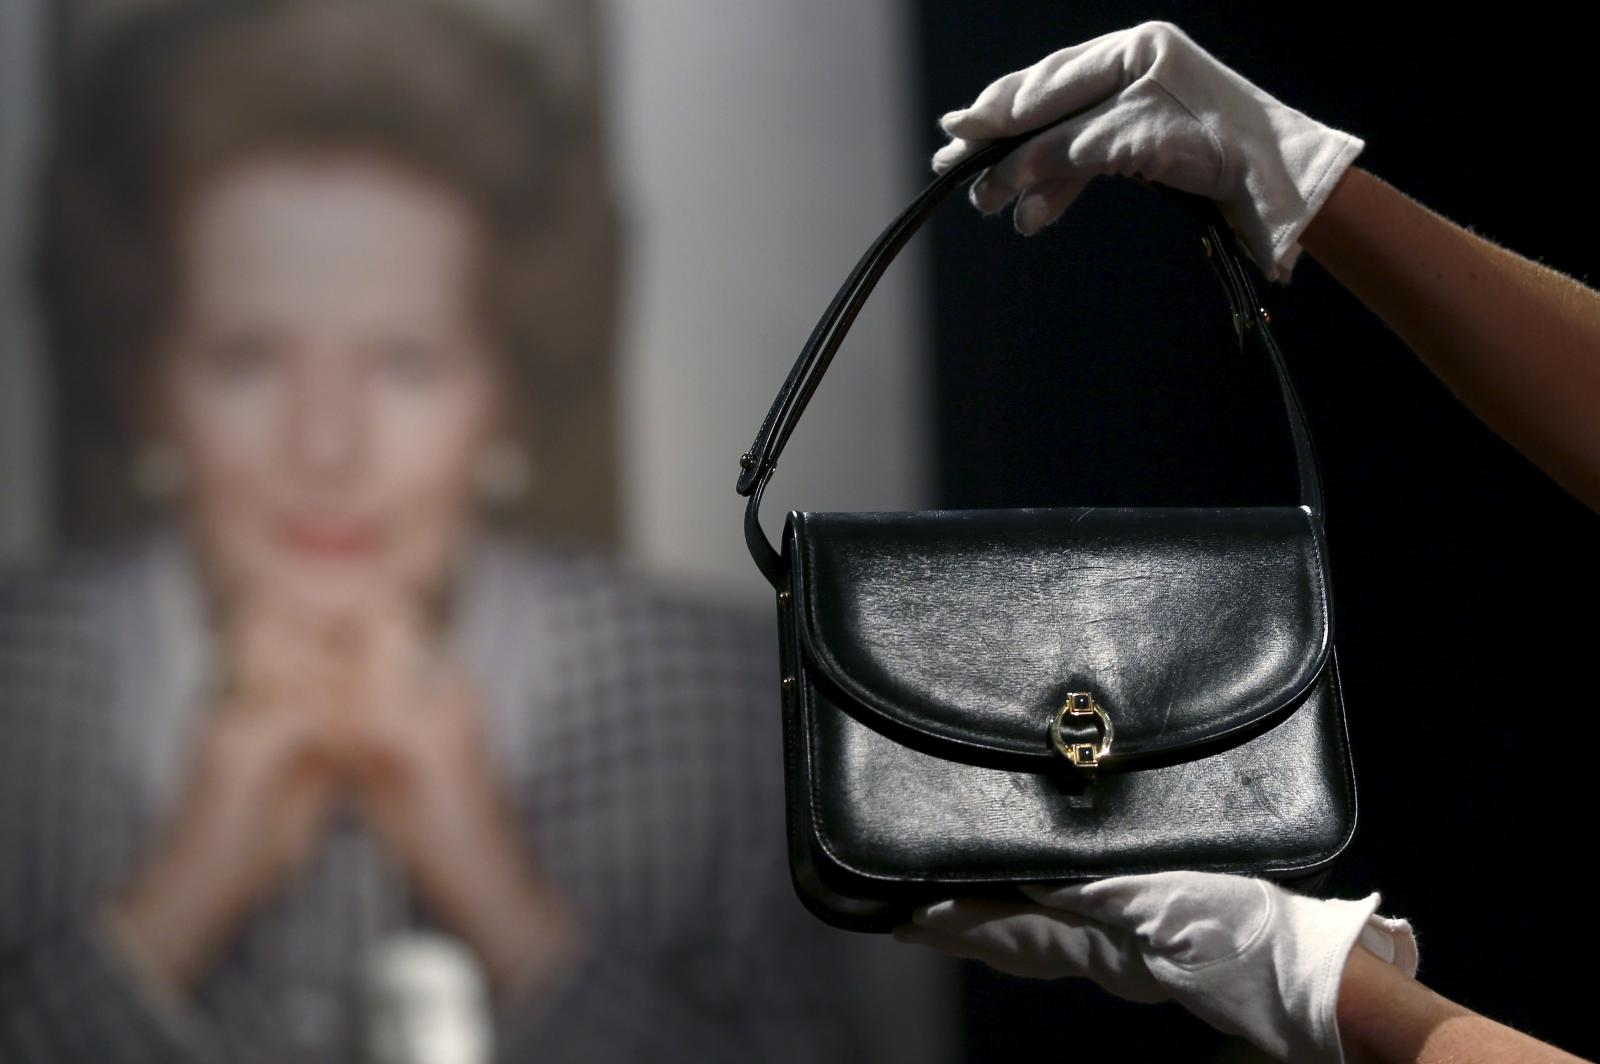 Thatcherové kabelka jde do dražby